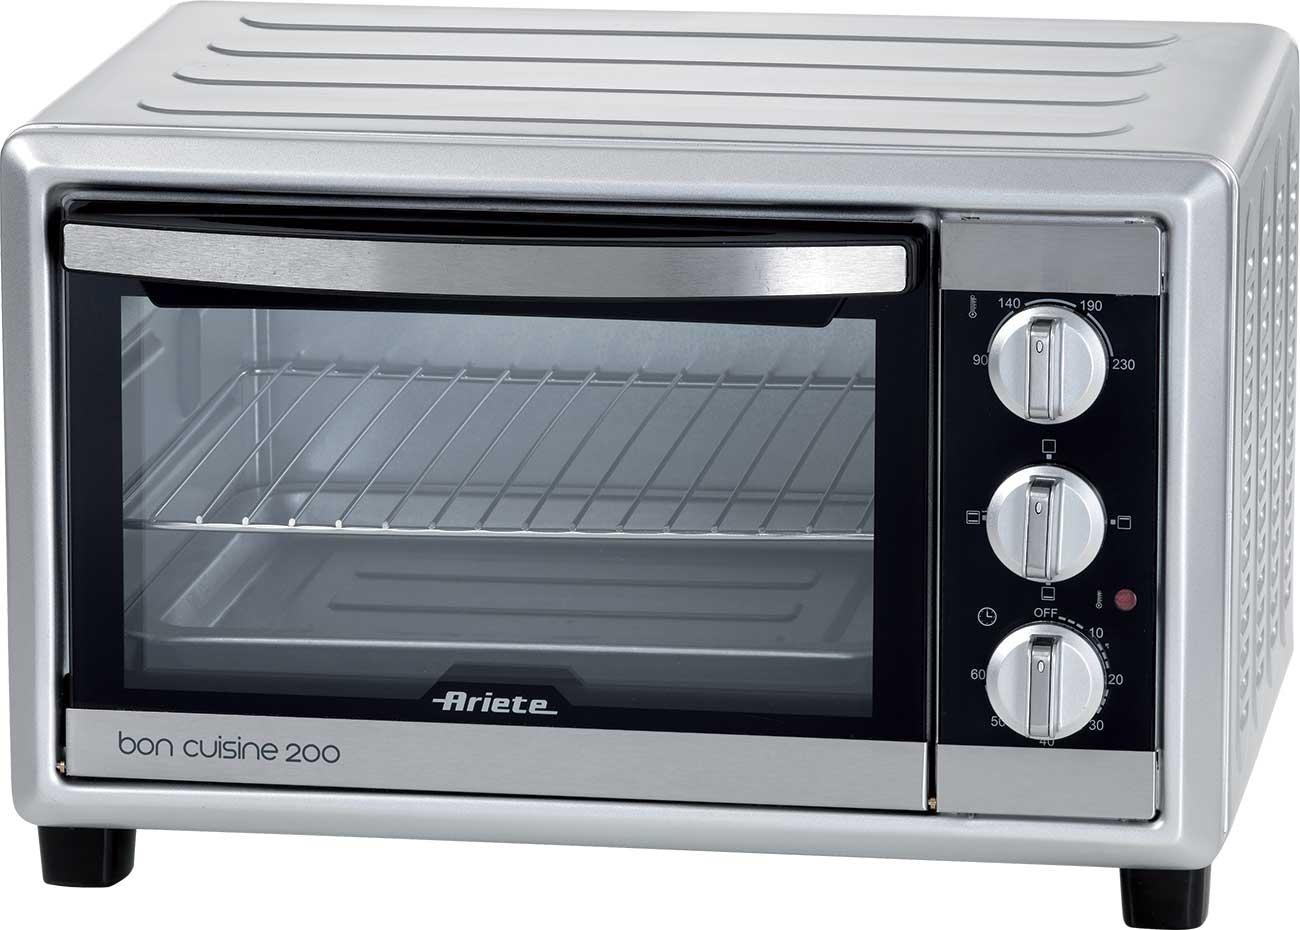 Ariete bon cuisine 200 forno elettrico fornetto ventilato for Ariete bon cuisine 250 metal